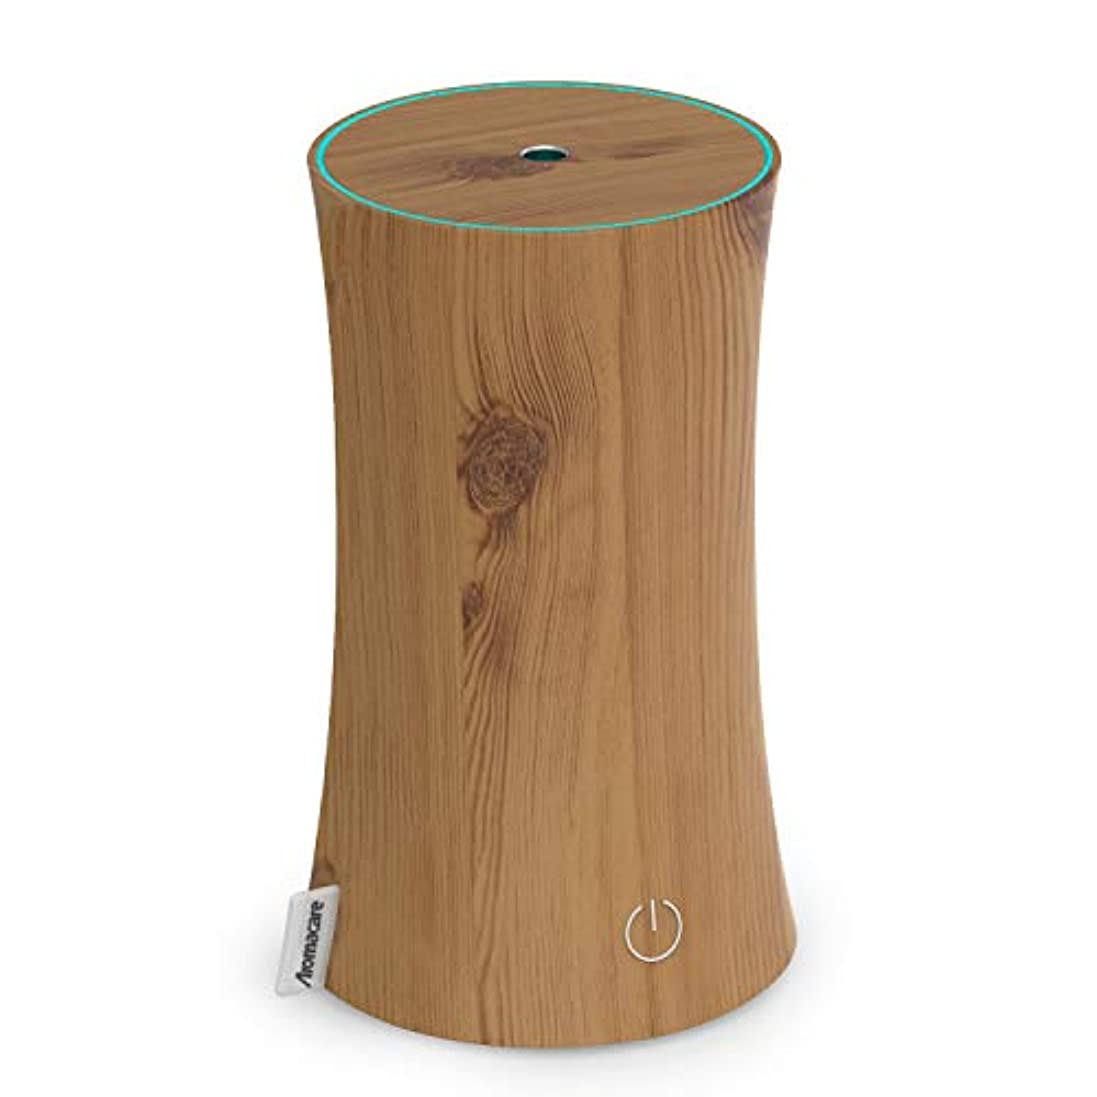 キャプテンブライ大邸宅絡み合いアロマディフューザー 卓上加湿器 センサー付き 超音波式 空焚き防止 低騒音 300ml 連続運転 各場所用 省エネ 木目調 木の色